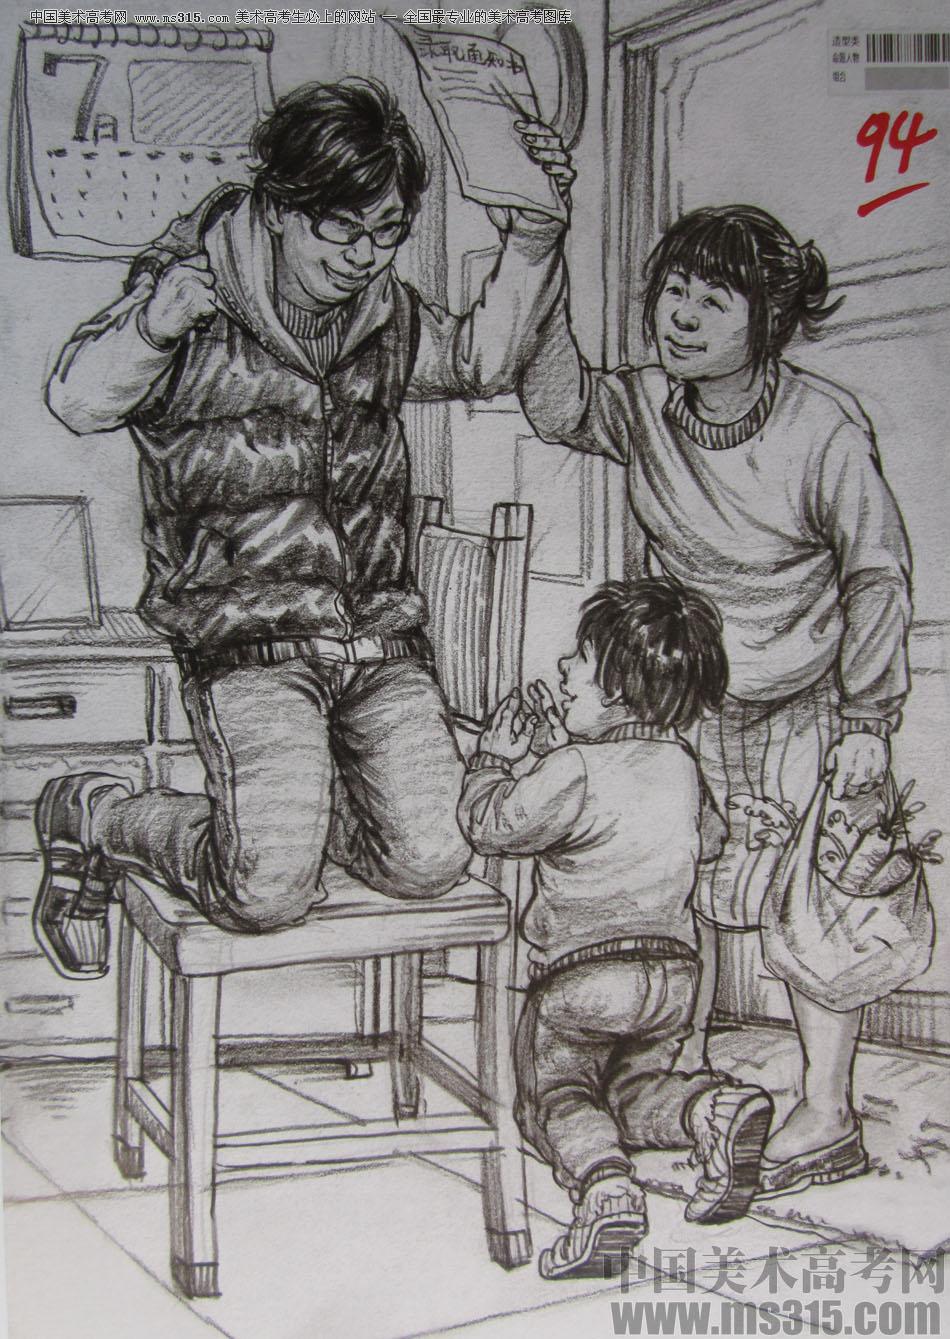 川美术学院速写高分卷23图片